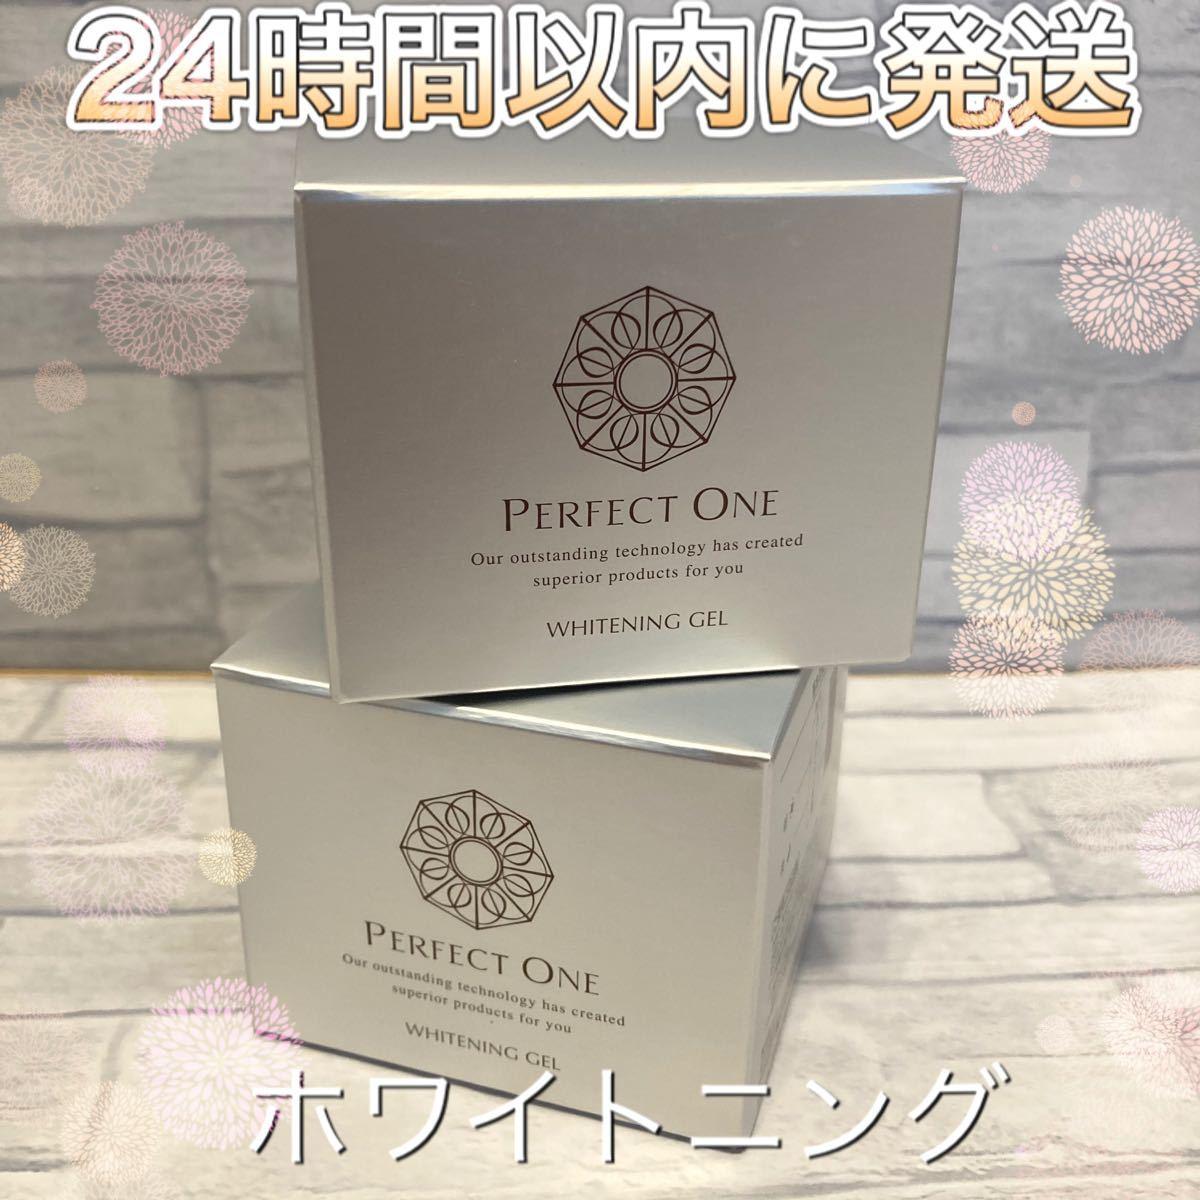 新日本製薬 パーフェクトワン 薬用ホワイトニングジェル 75g×2